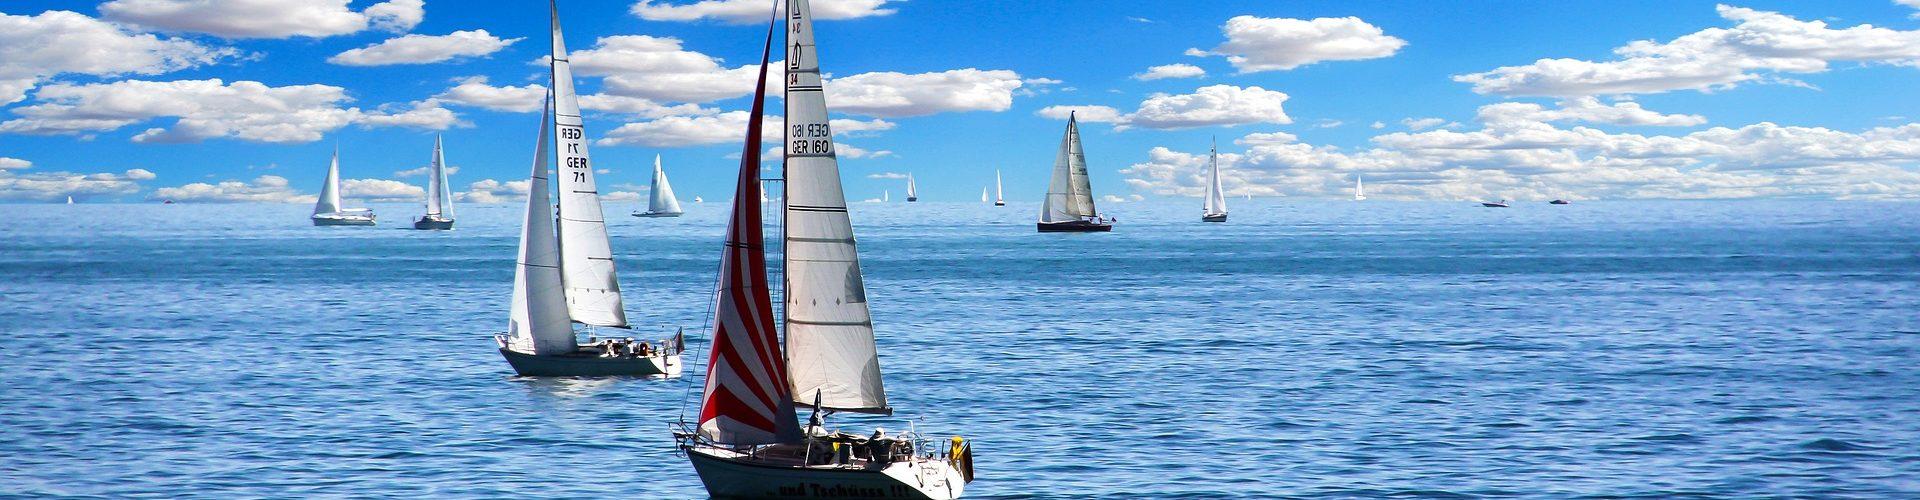 segeln lernen in Großräschen segelschein machen in Großräschen 1920x500 - Segeln lernen in Großräschen